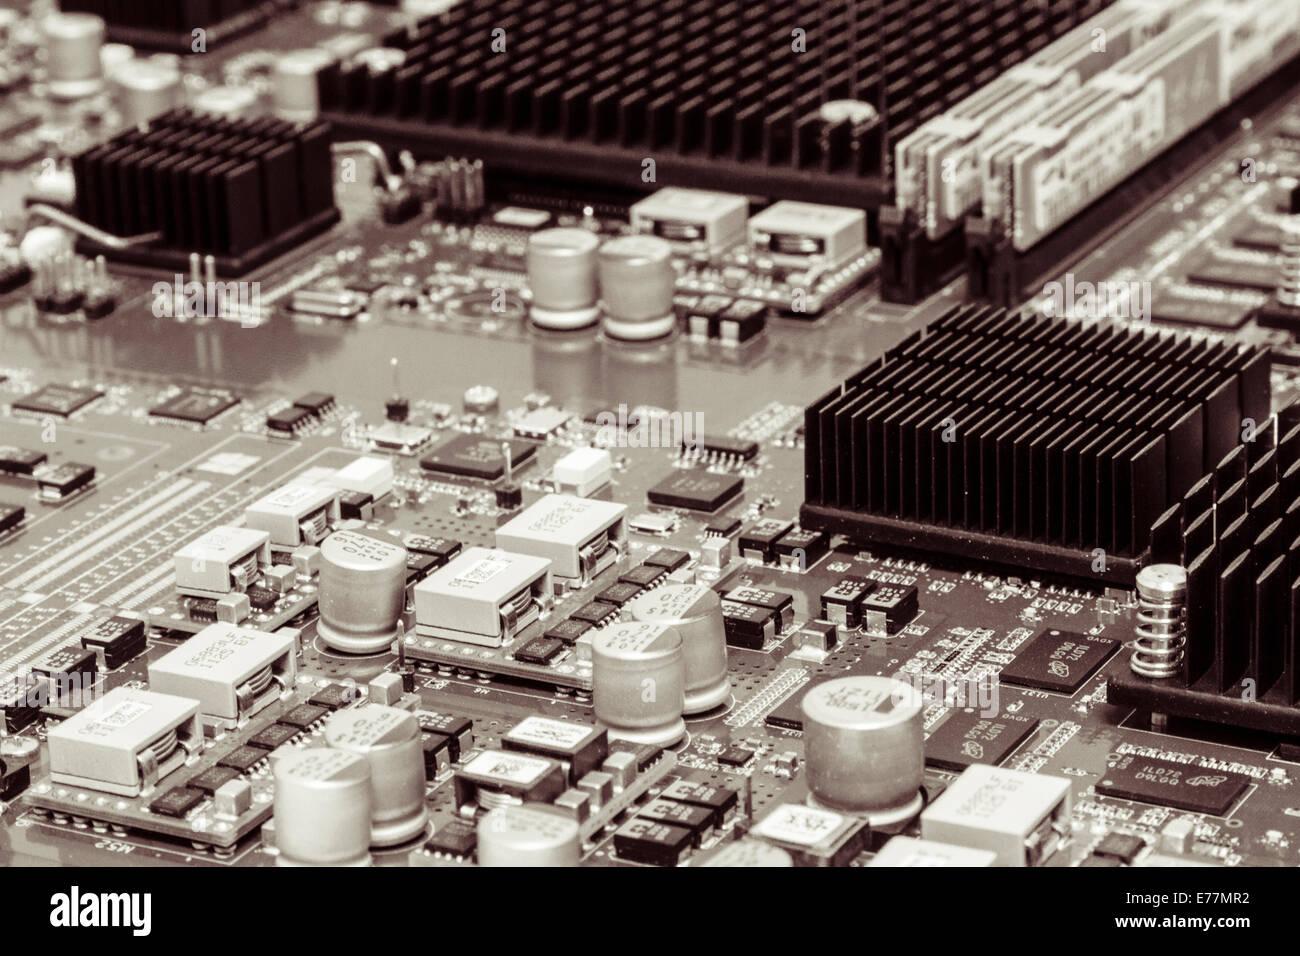 Platine eines leistungsstarken Server-Computers mit Chips, Kondensatoren, Speicher und Kühlkörper sichtbar Stockbild